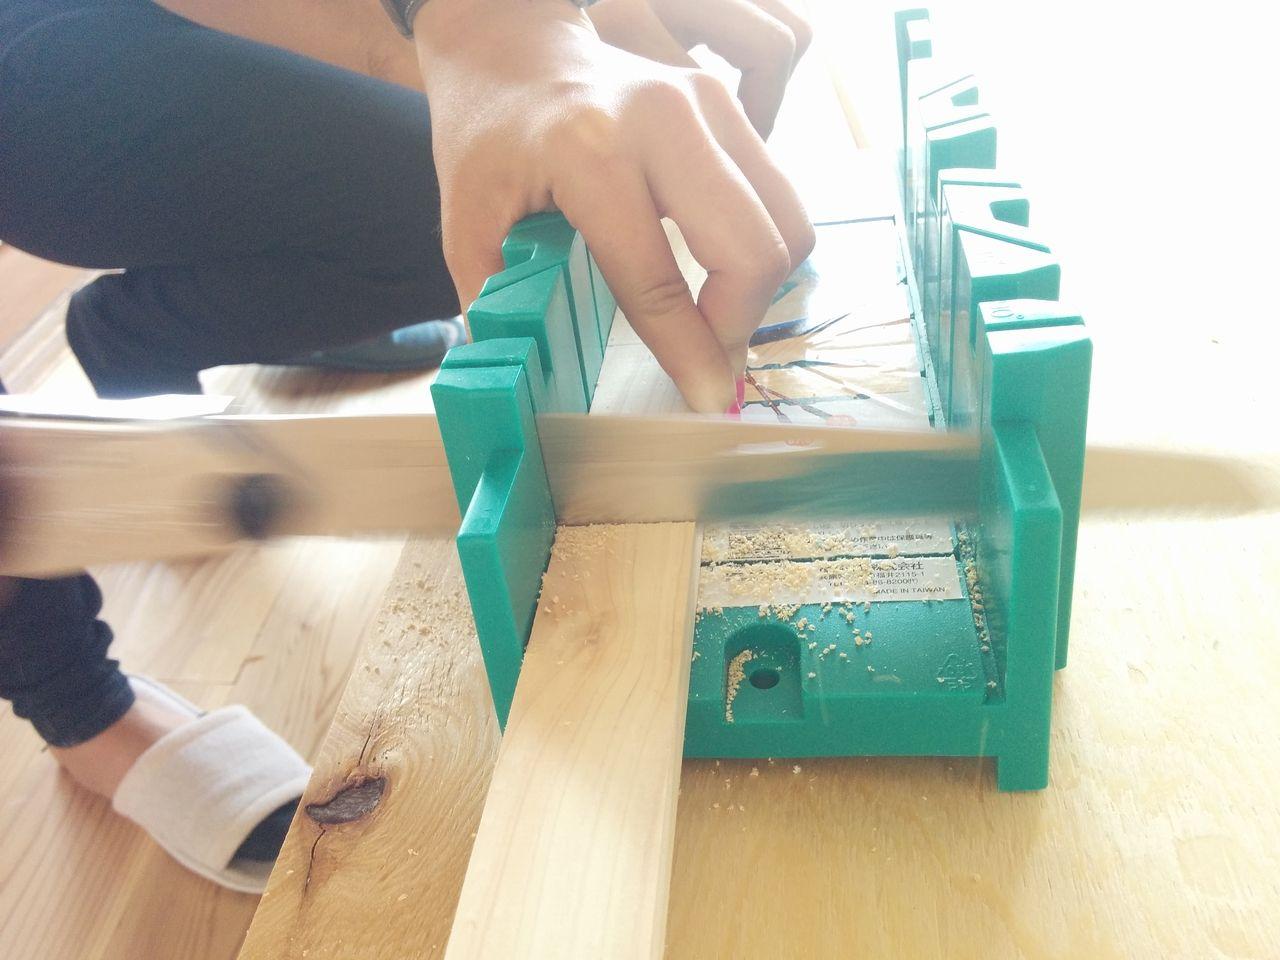 2×4材用の切断ガイドを使って木材をカットします。 このガイドは45°、90°、67.5°など角度で木材を斜めにカットすることもできます。 今回は2×4材ではないですが、このガイドに木材をはめてカットしてみるとキレイにカットすることができました。